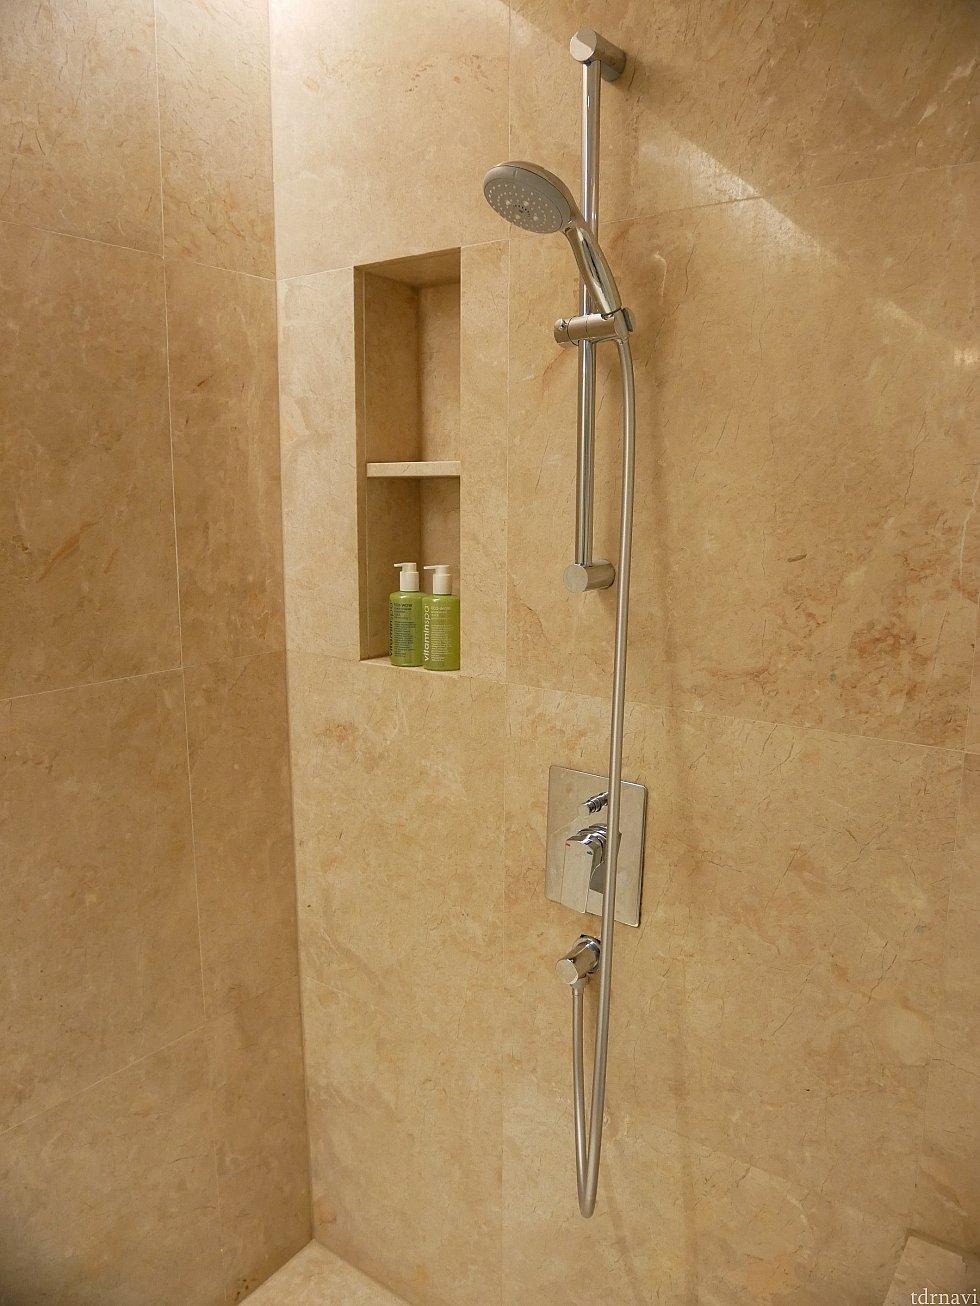 隣にはシャワー室があります。シャンプーやボディーソープは備え付けのものです。シャワーが少し弱いのが残念。